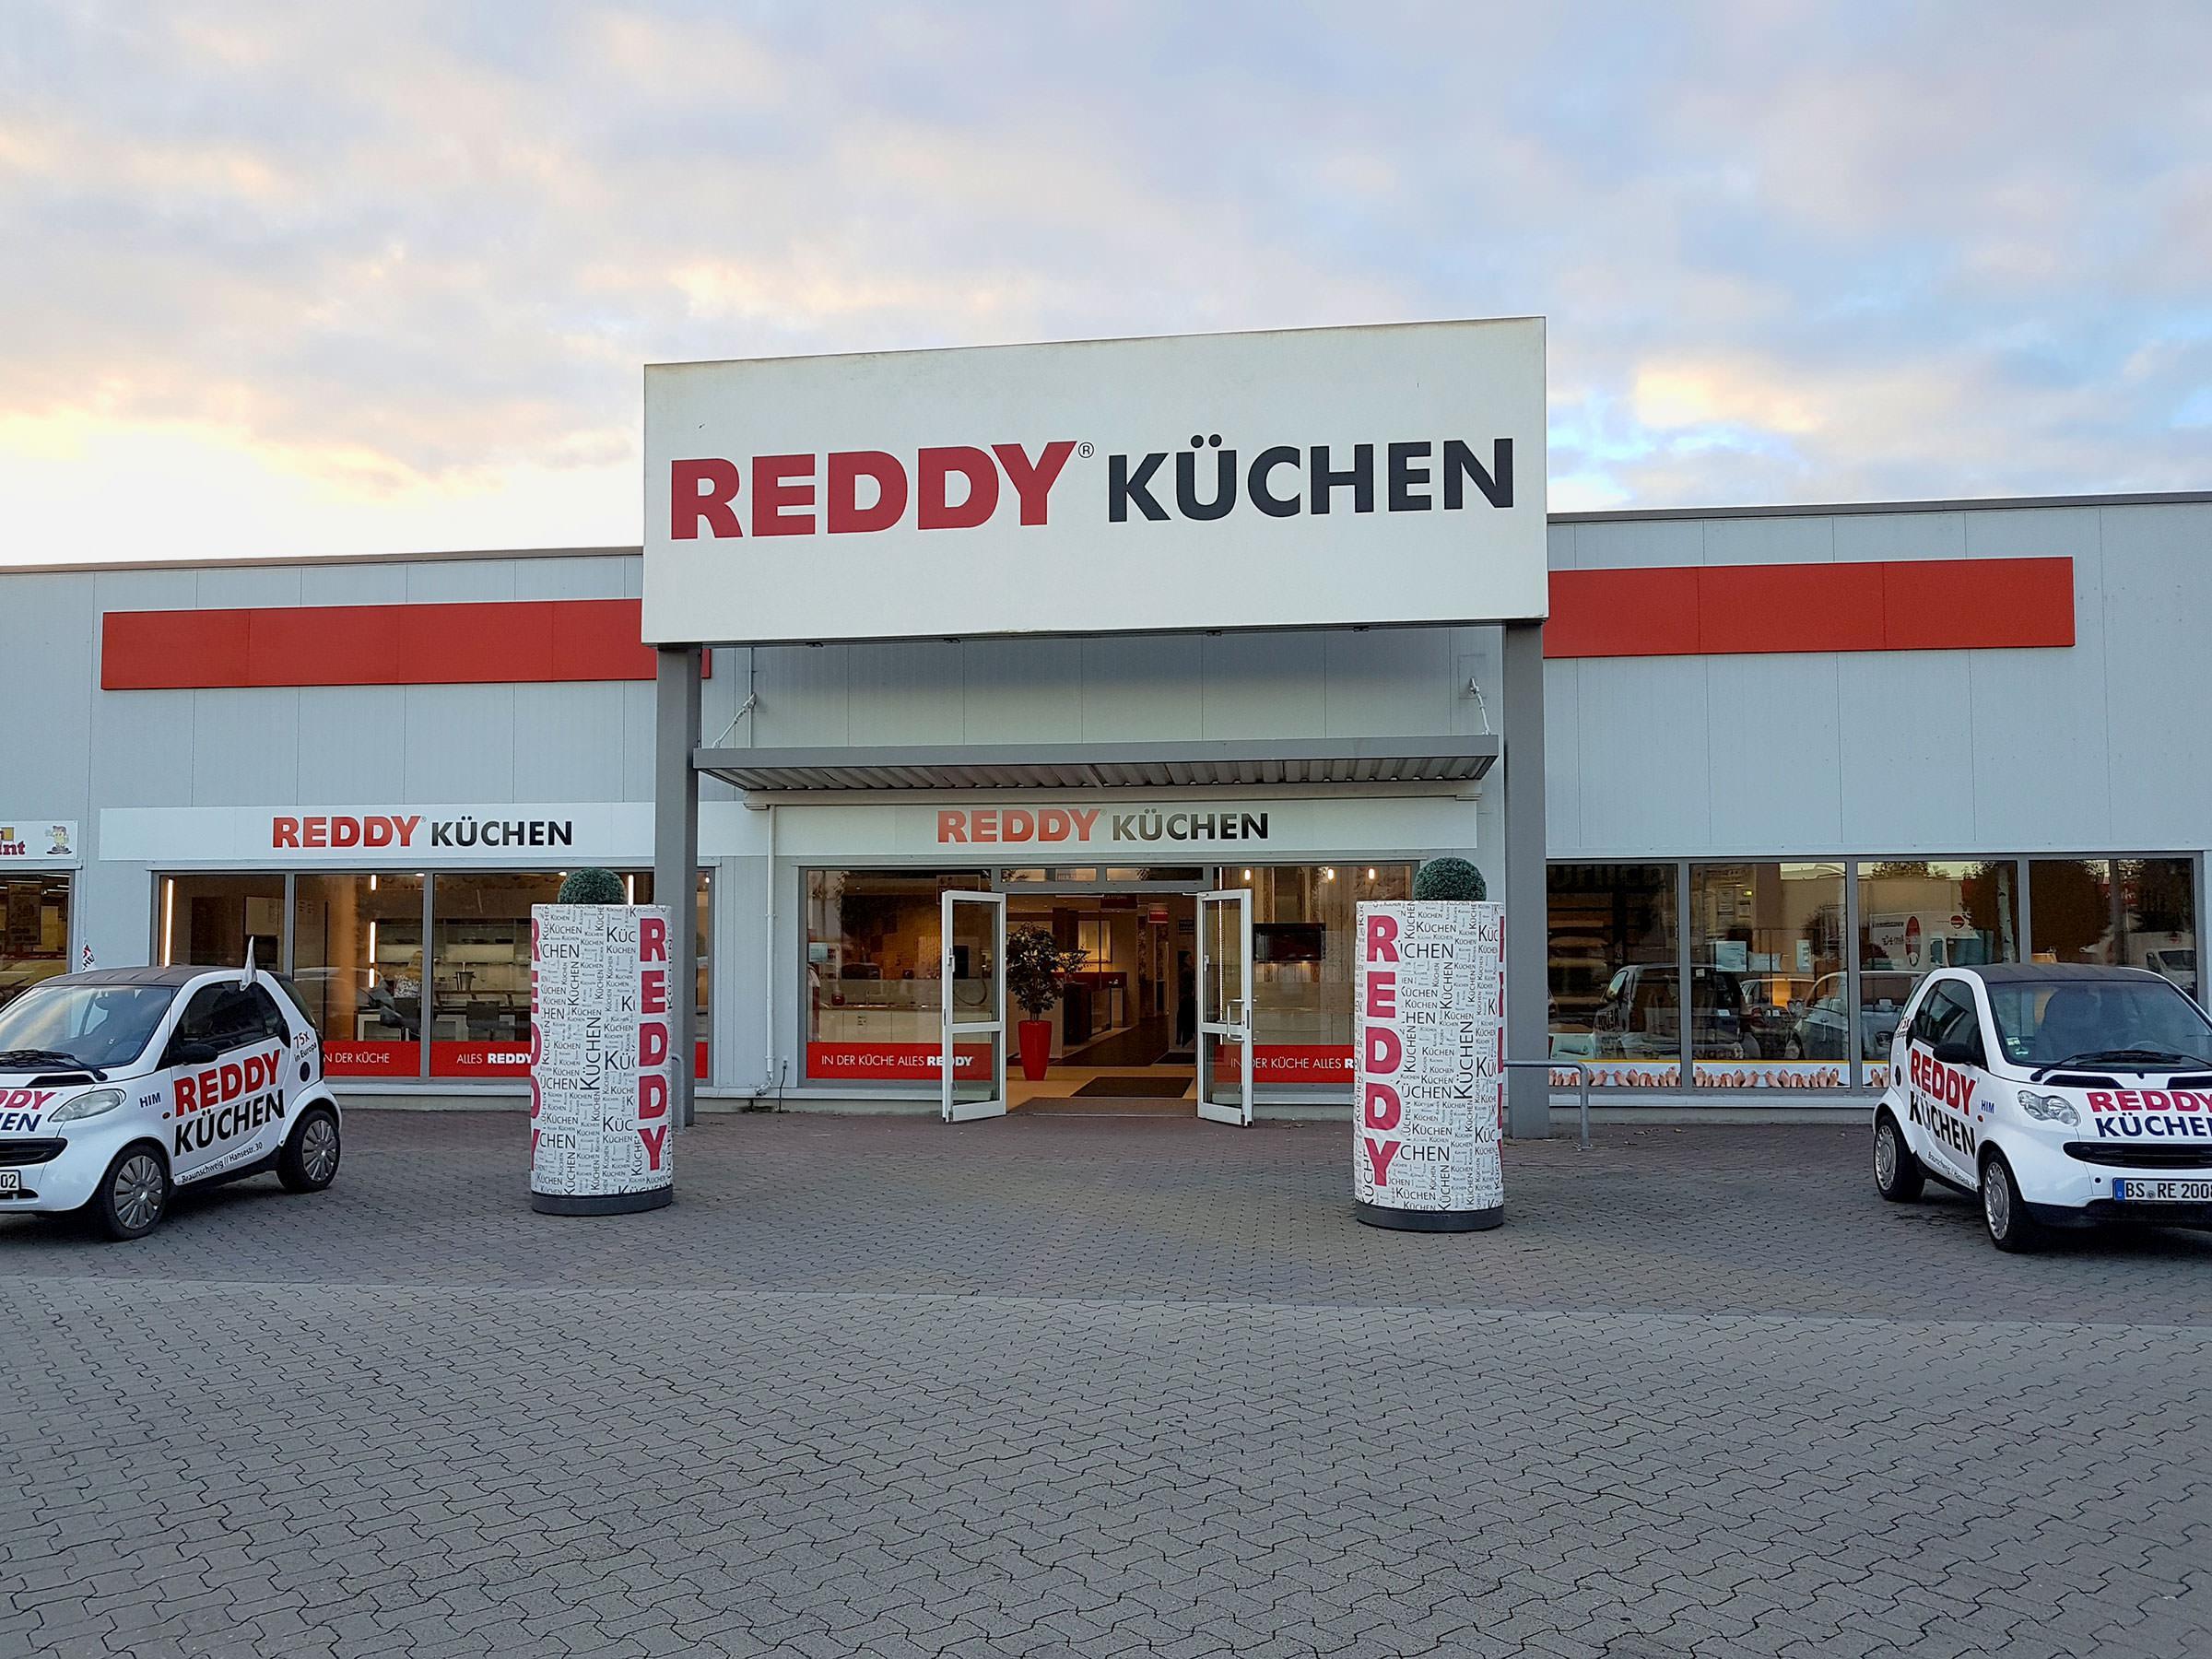 reddy küchen braunschweig: tolle küchen & top-service - Küche Reddy